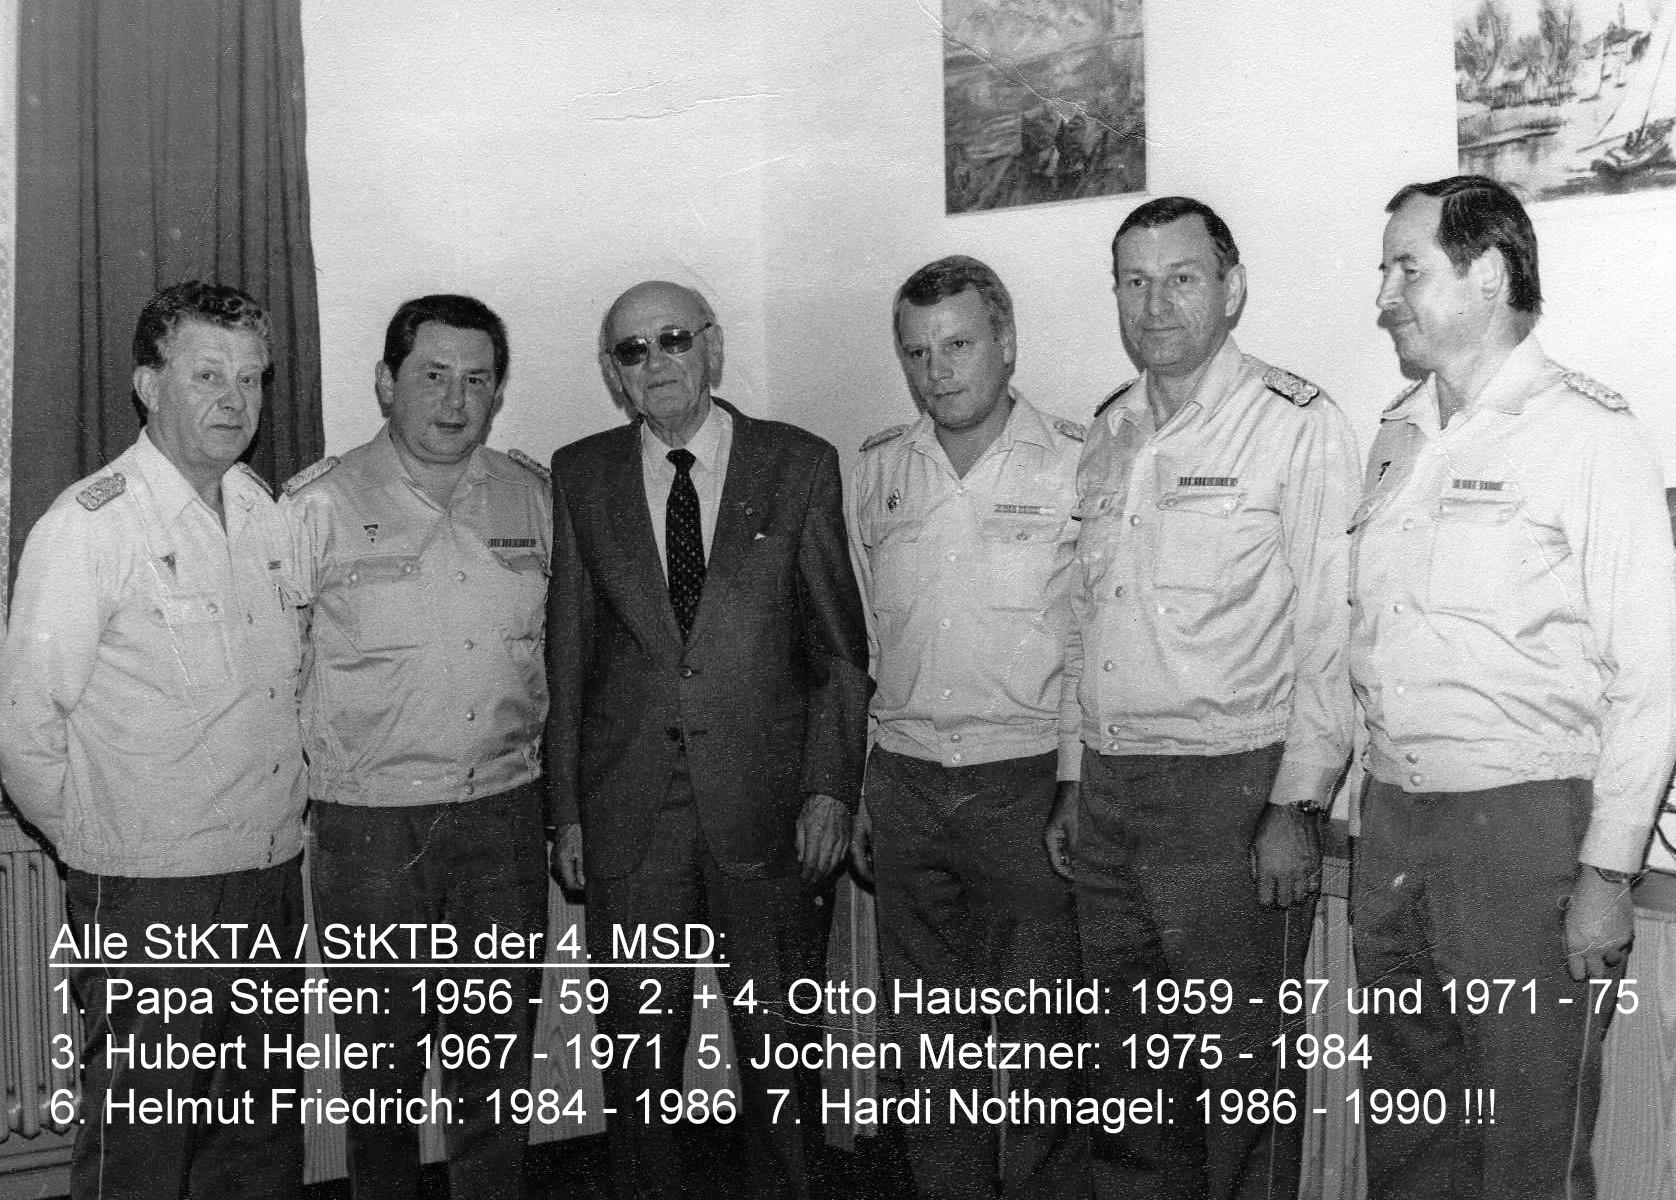 25. alle StKTA bzw. StKTB der 4. MSD - 1956 bis 1990